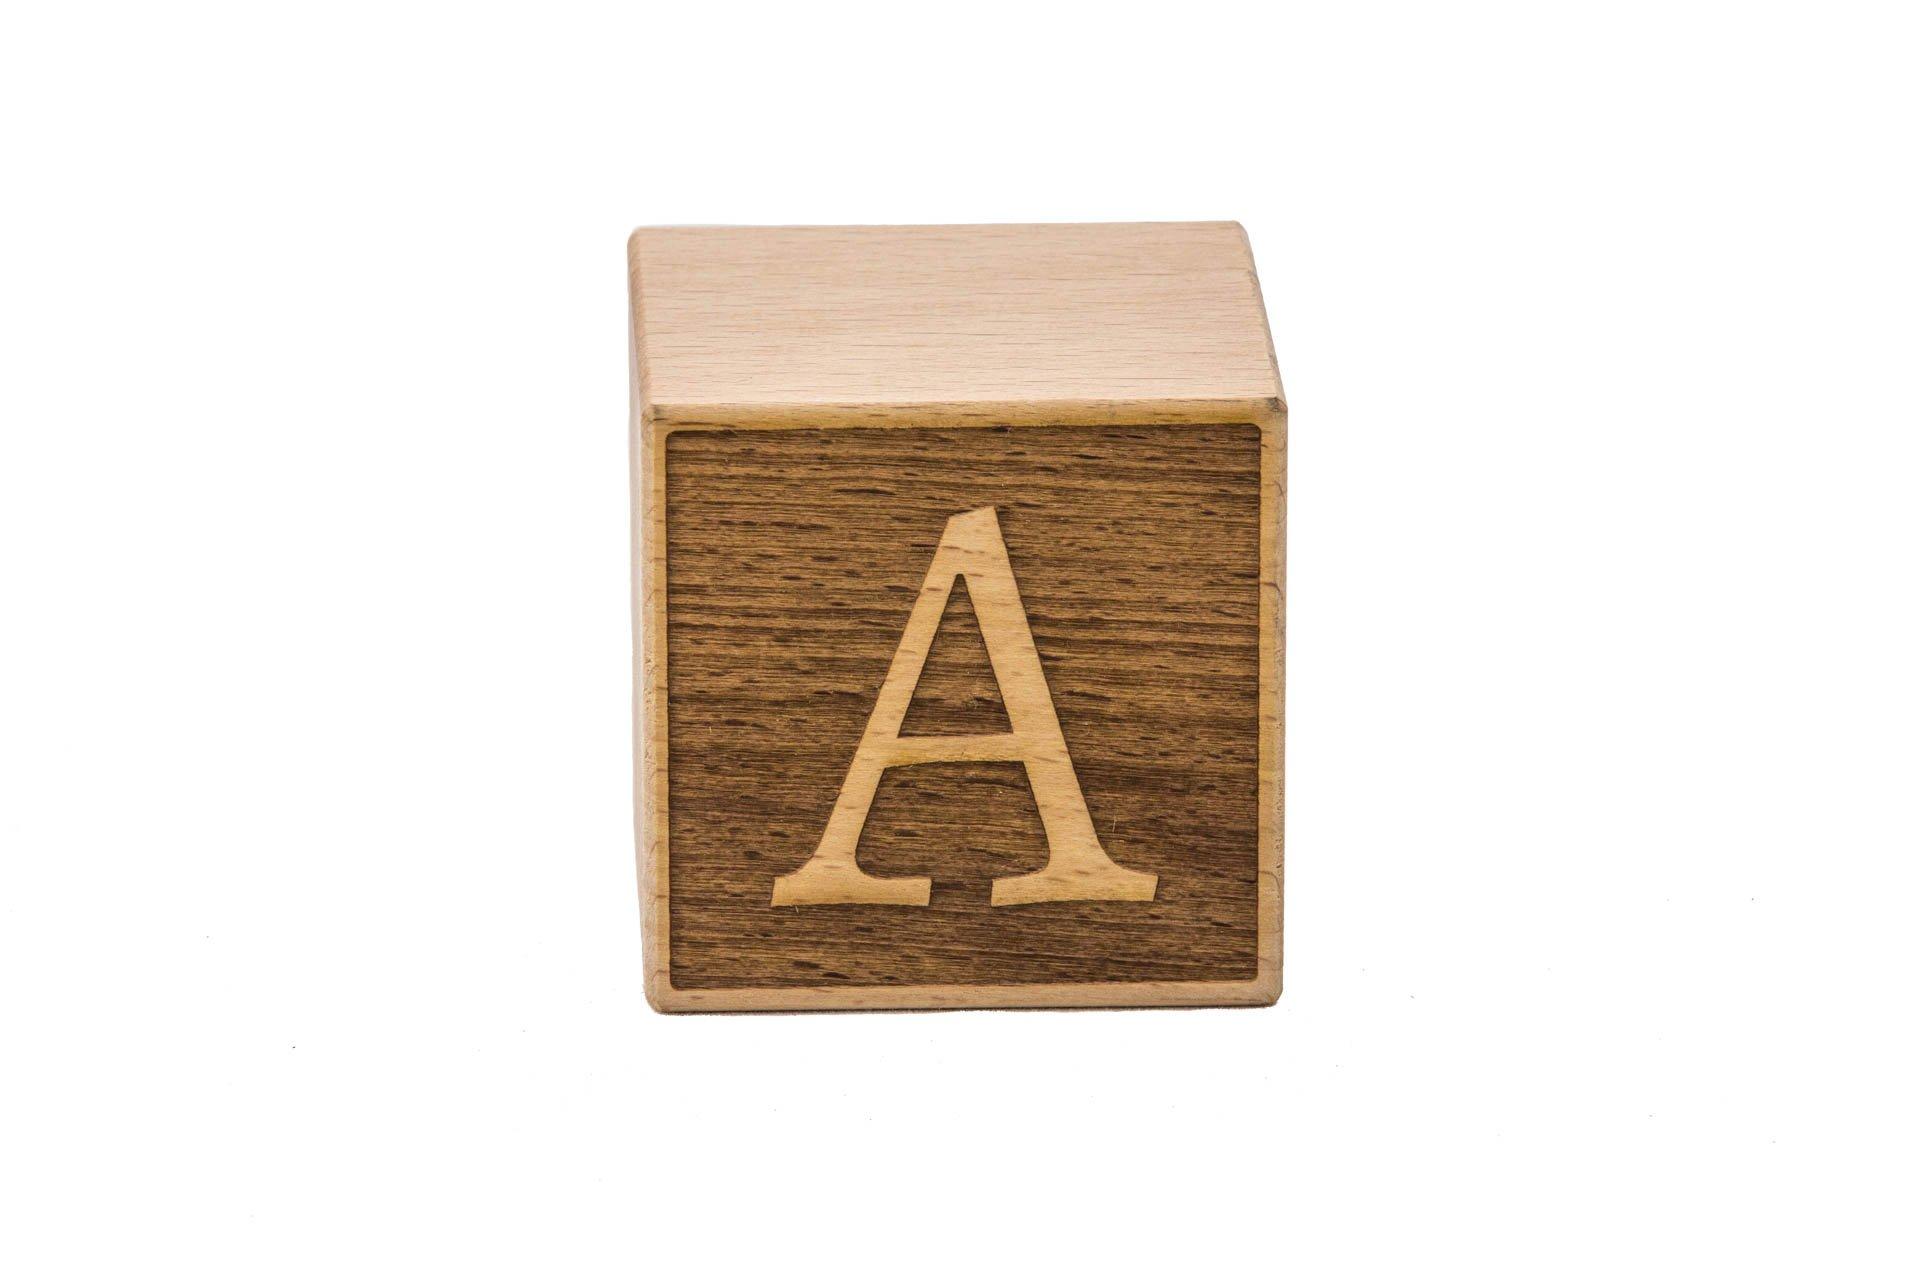 buchstabenw rfel aus buchenholz mit laser gravursneg schnell noch ein. Black Bedroom Furniture Sets. Home Design Ideas